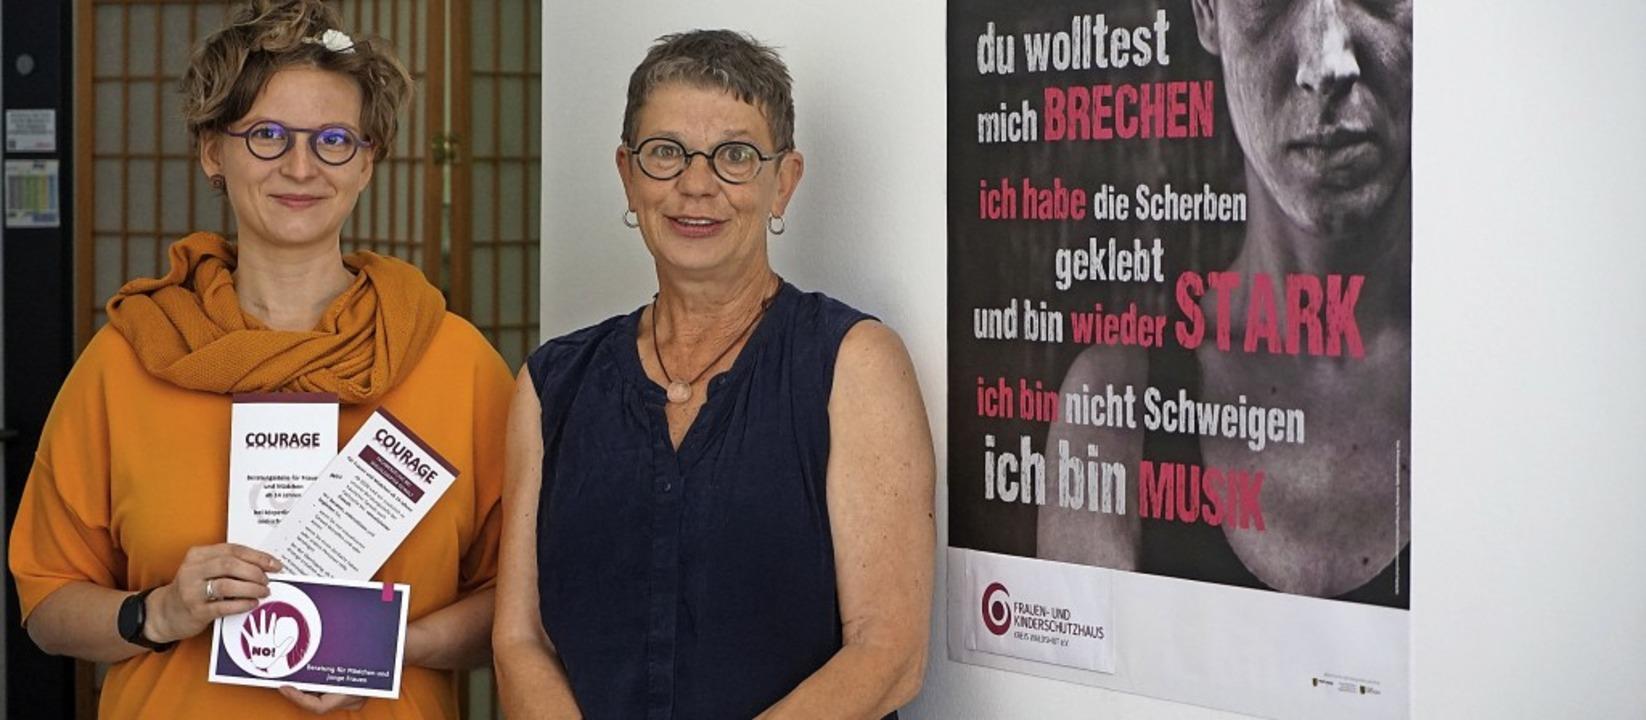 Ann-Dorothee Zühlke und Marlies Sonnta...ut  beraten bei  sexualisierte Gewalt.  | Foto: Verena Wehrle